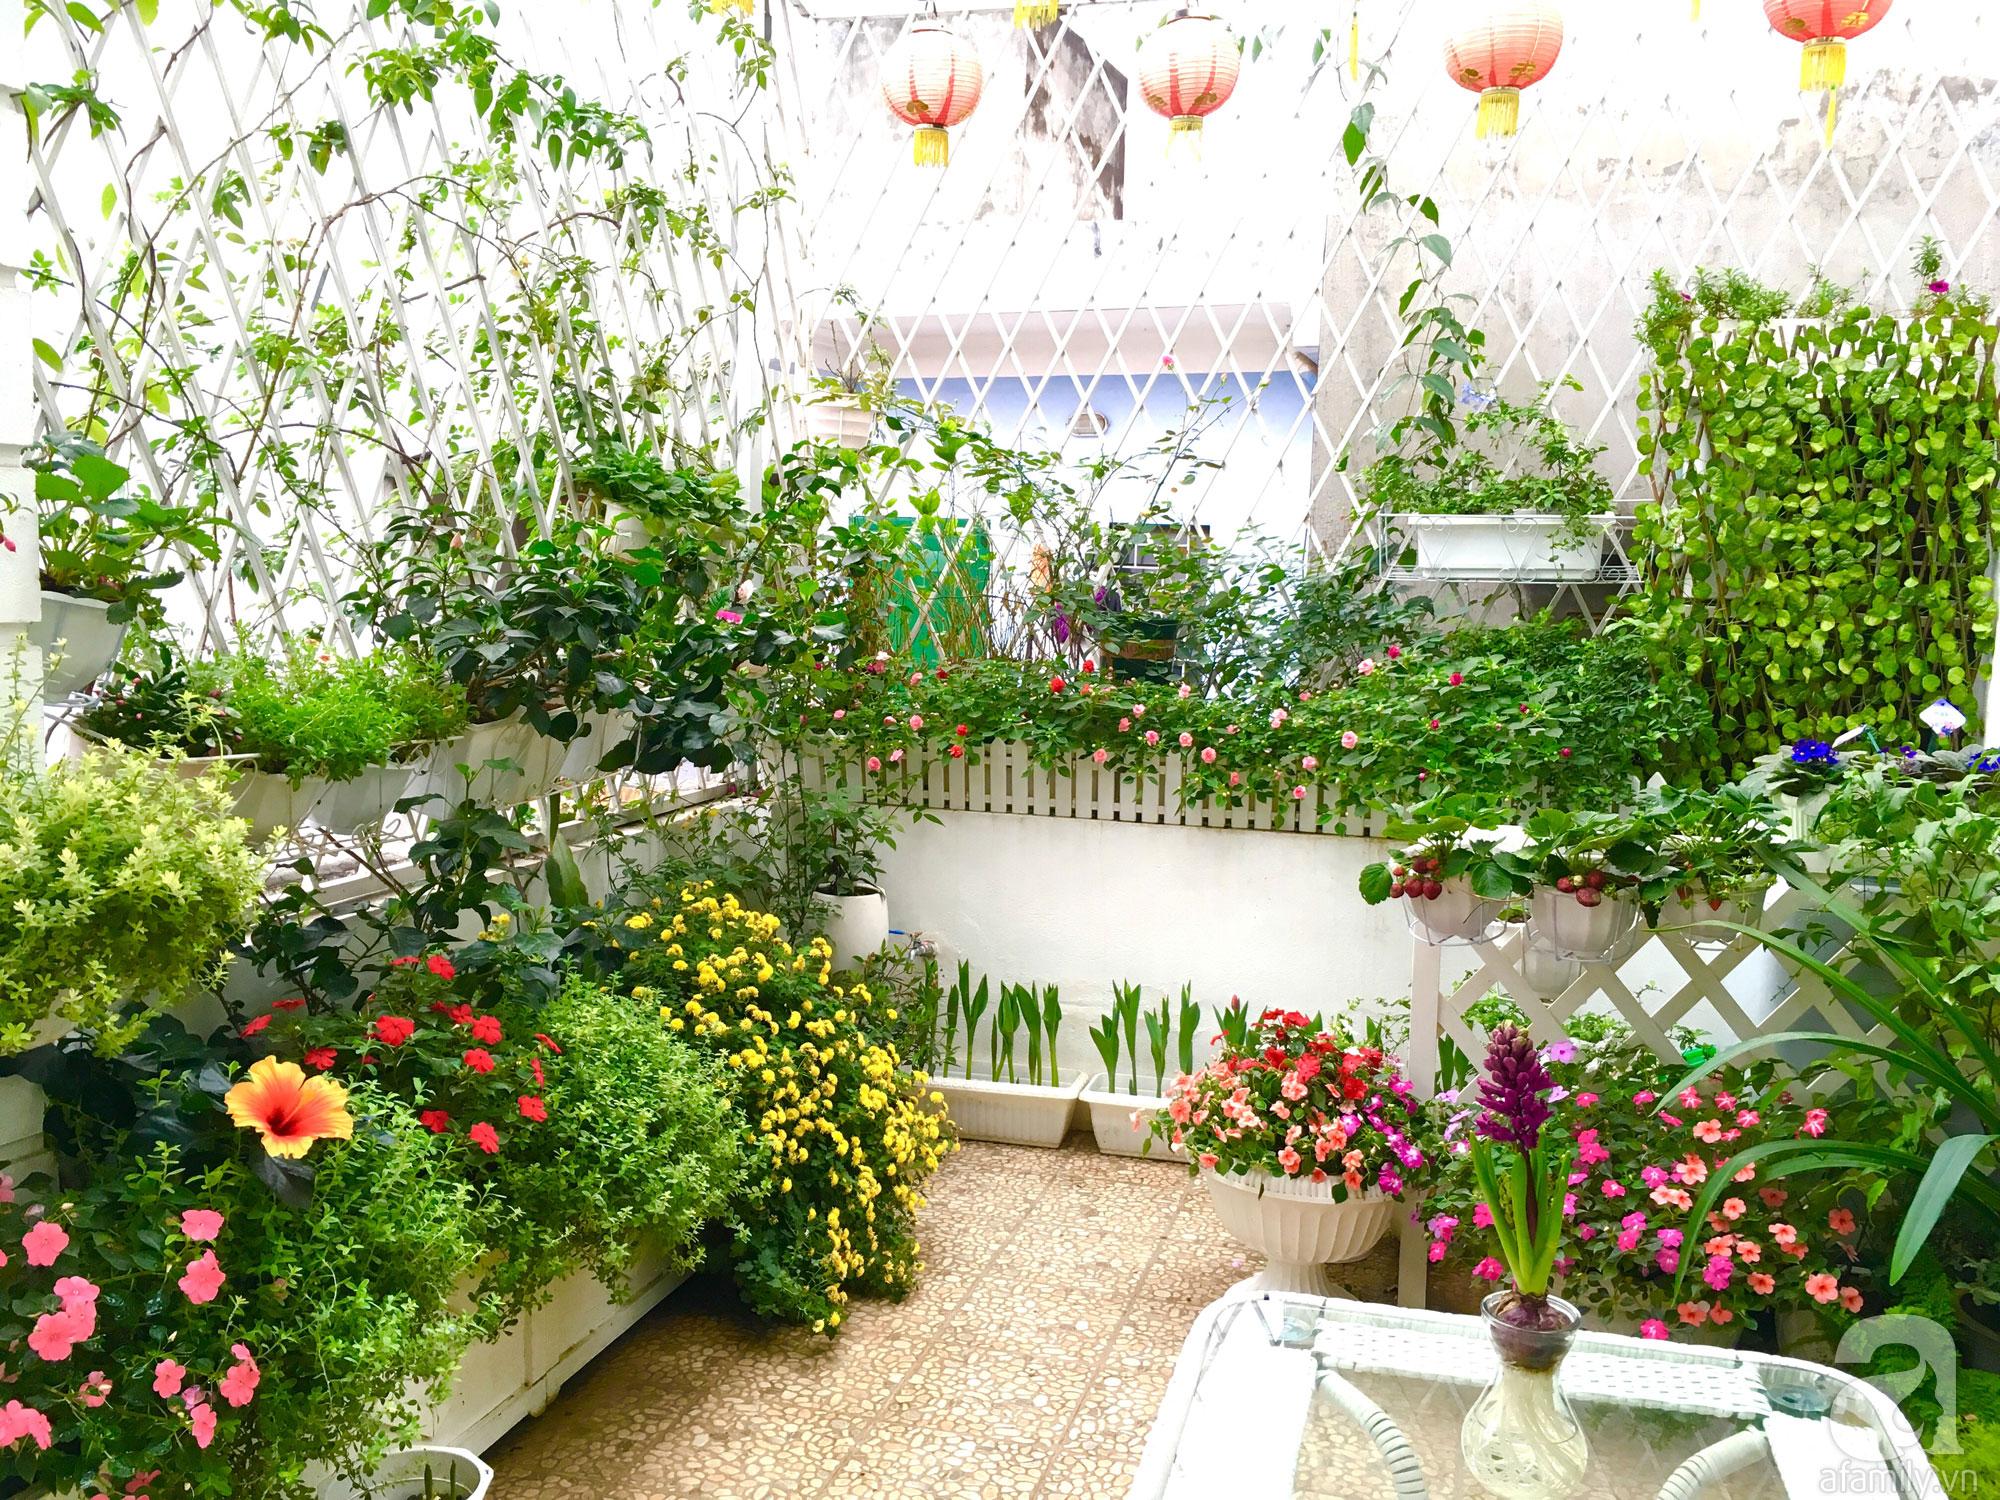 Với diện tích 15m², khu vườn của chị Linh Chi (phố Kim Mã, Hà Nội) khiến ai ngắm nhìn cũng phải ngợi khen bởi sự nổi bật, phong phú của hoa và ...